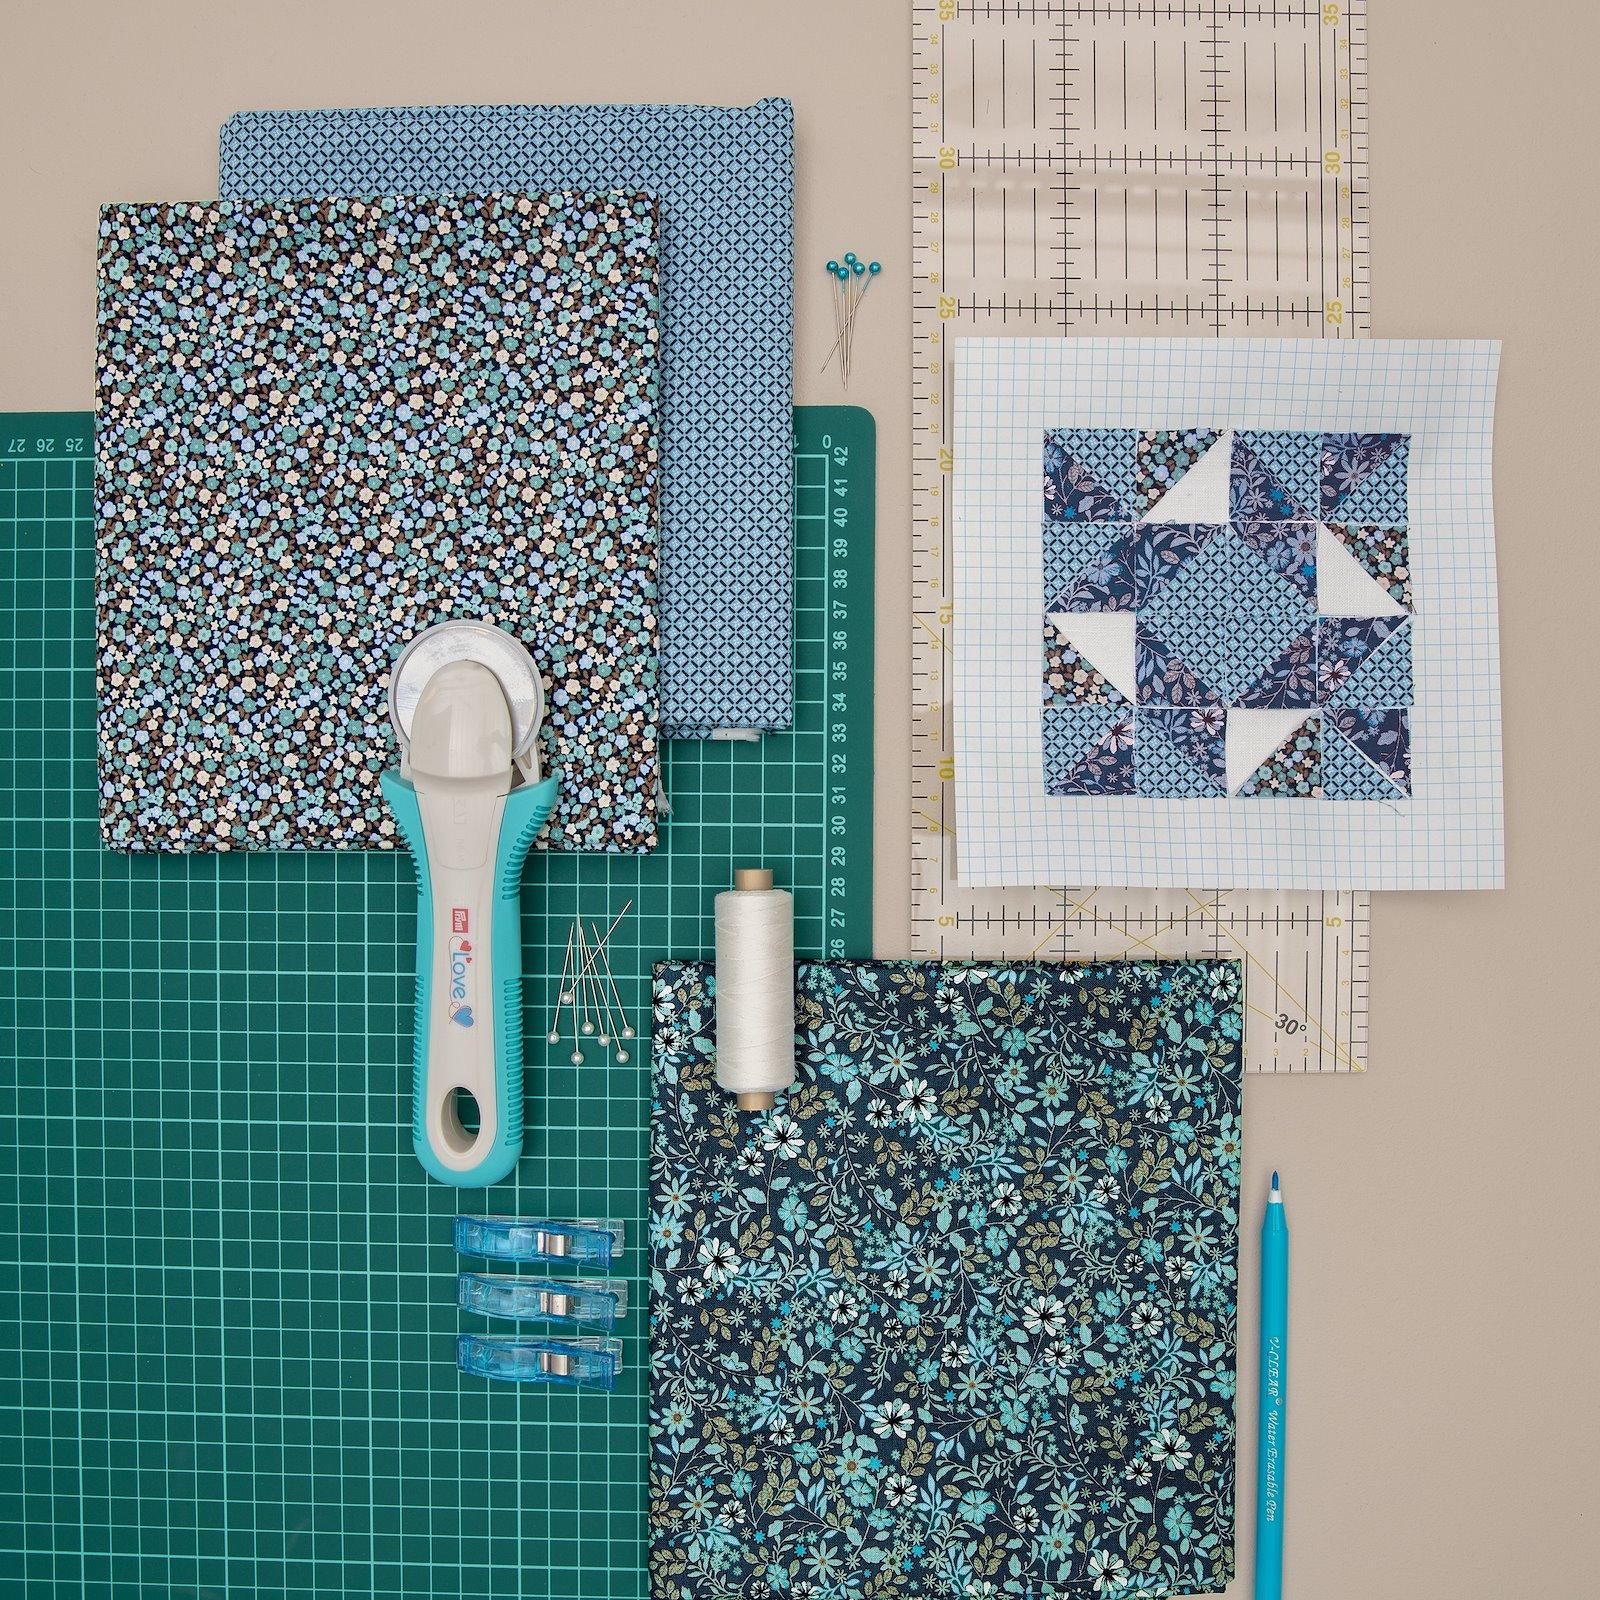 Cotton light blue graphic pattern 852405_852408_42067_42062_43127_852416_29110_42068_bundle